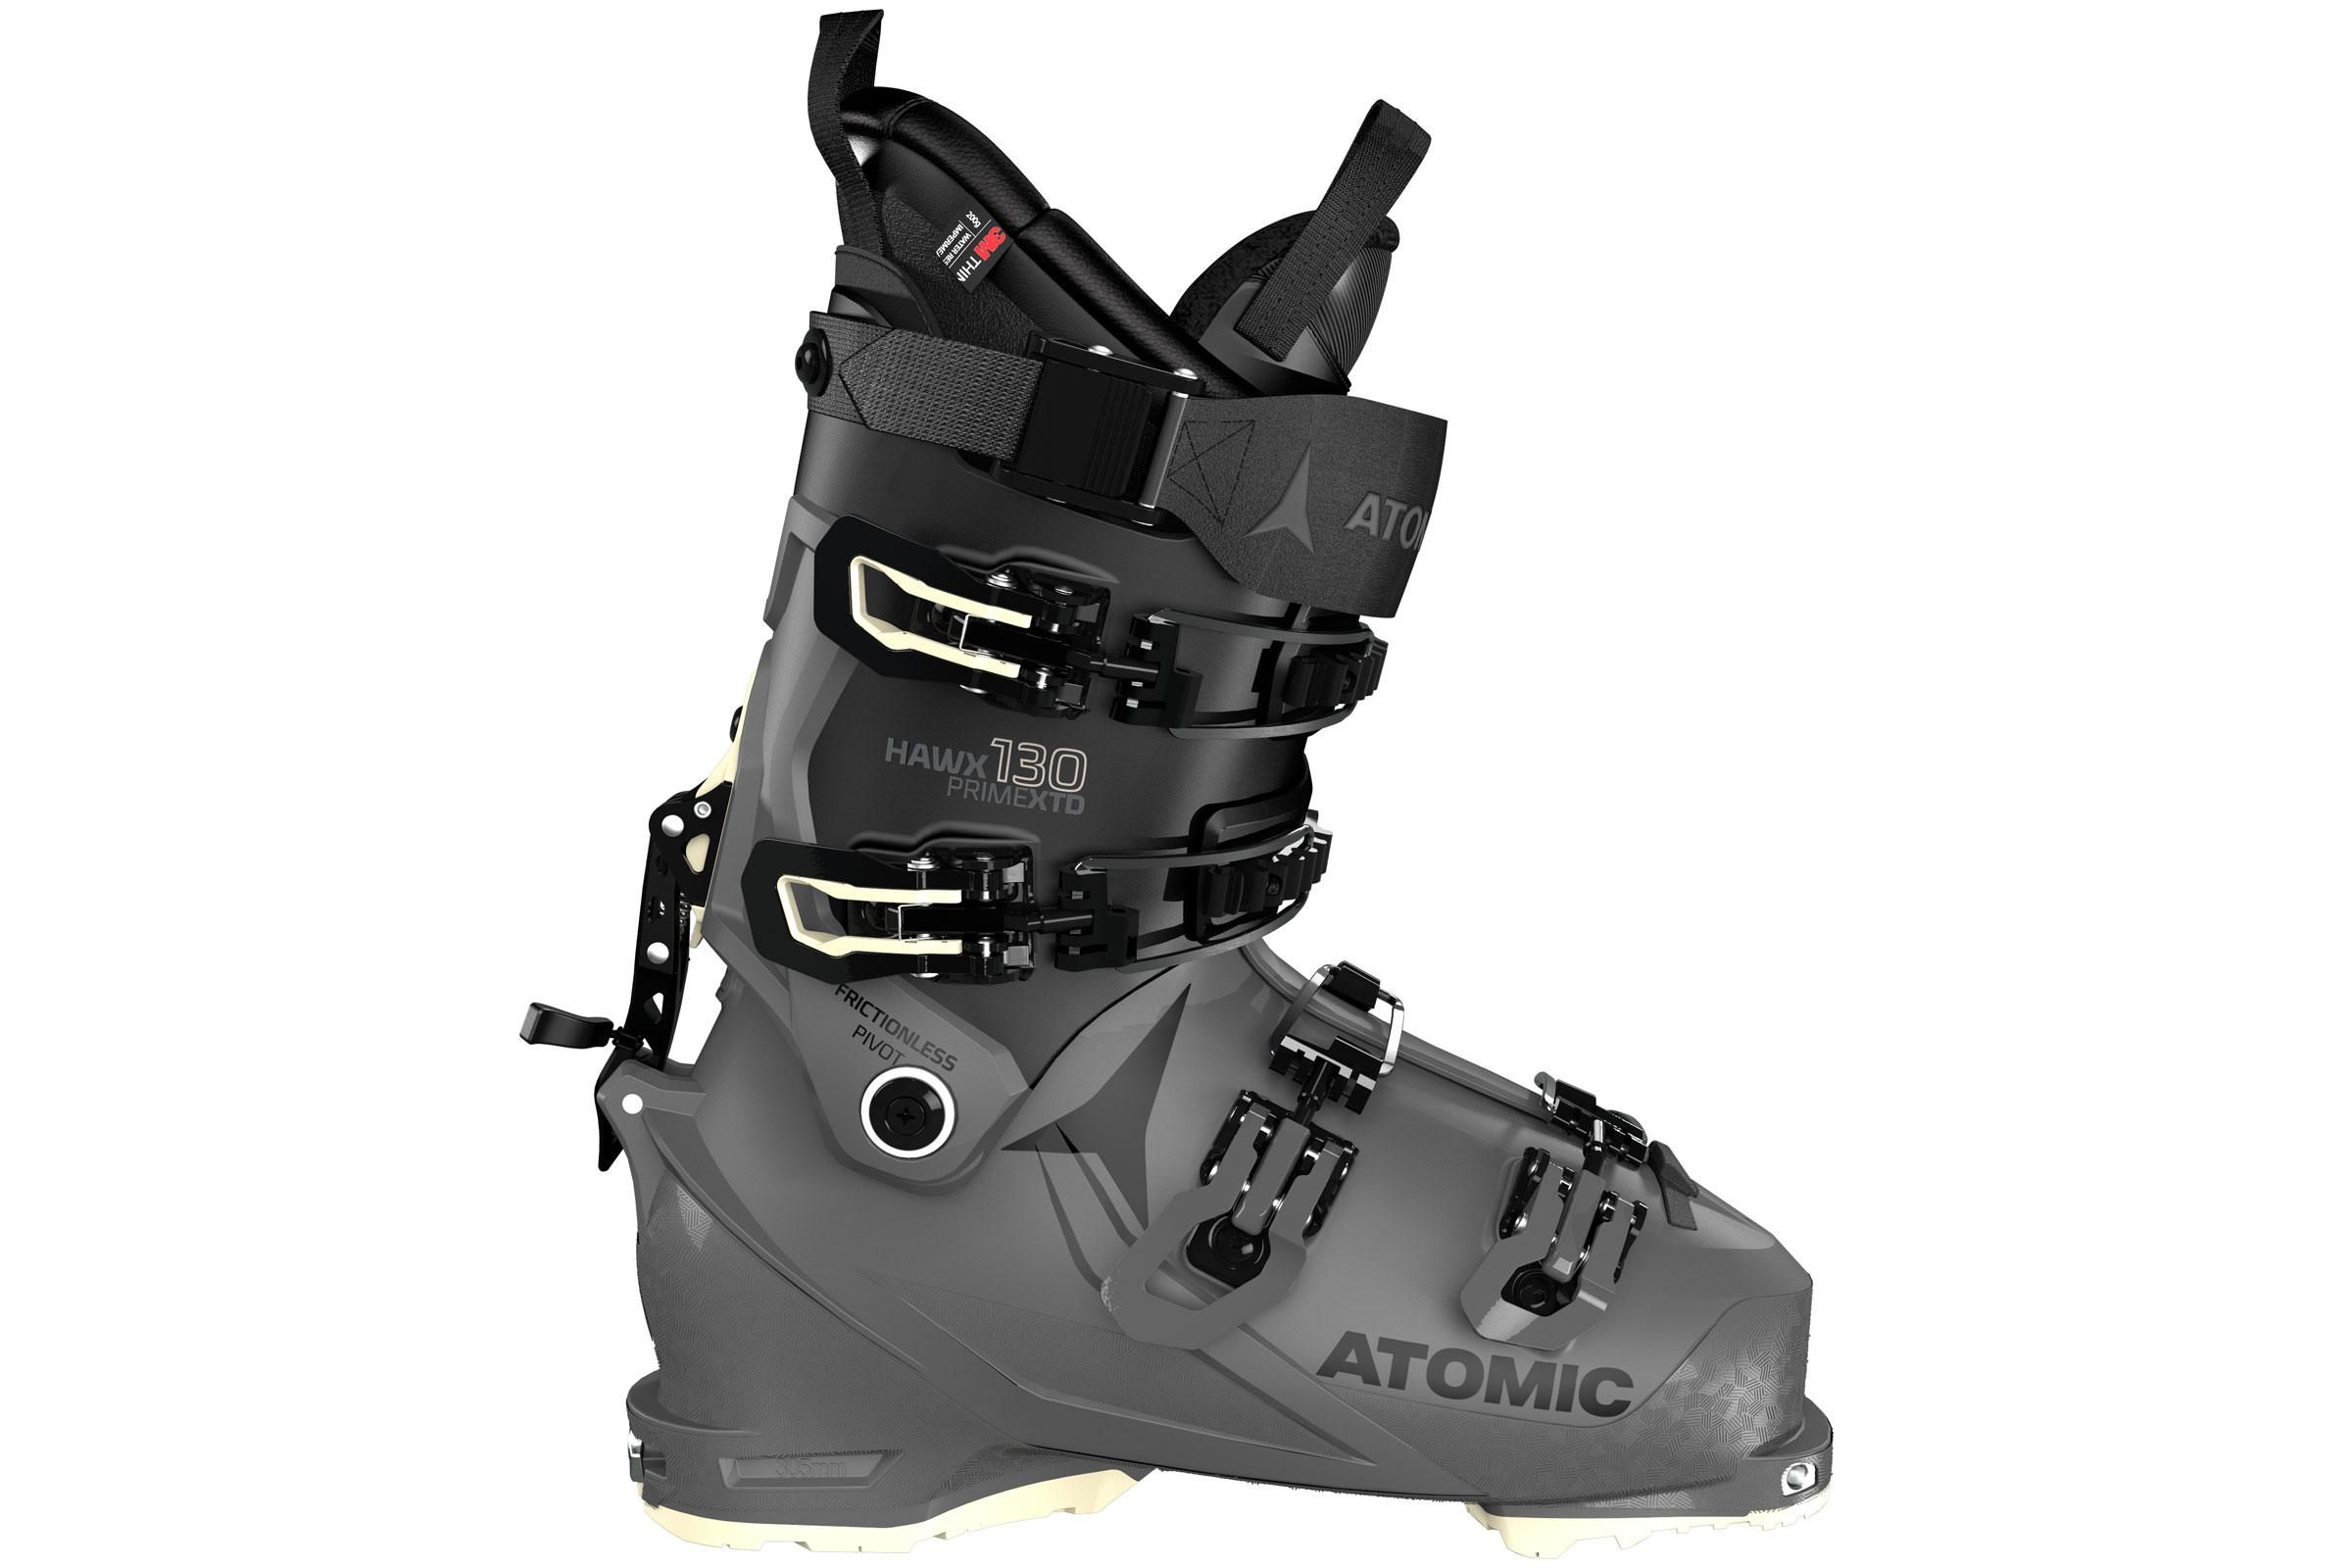 Best Ski Boots: atomic hawx prime xtd 130